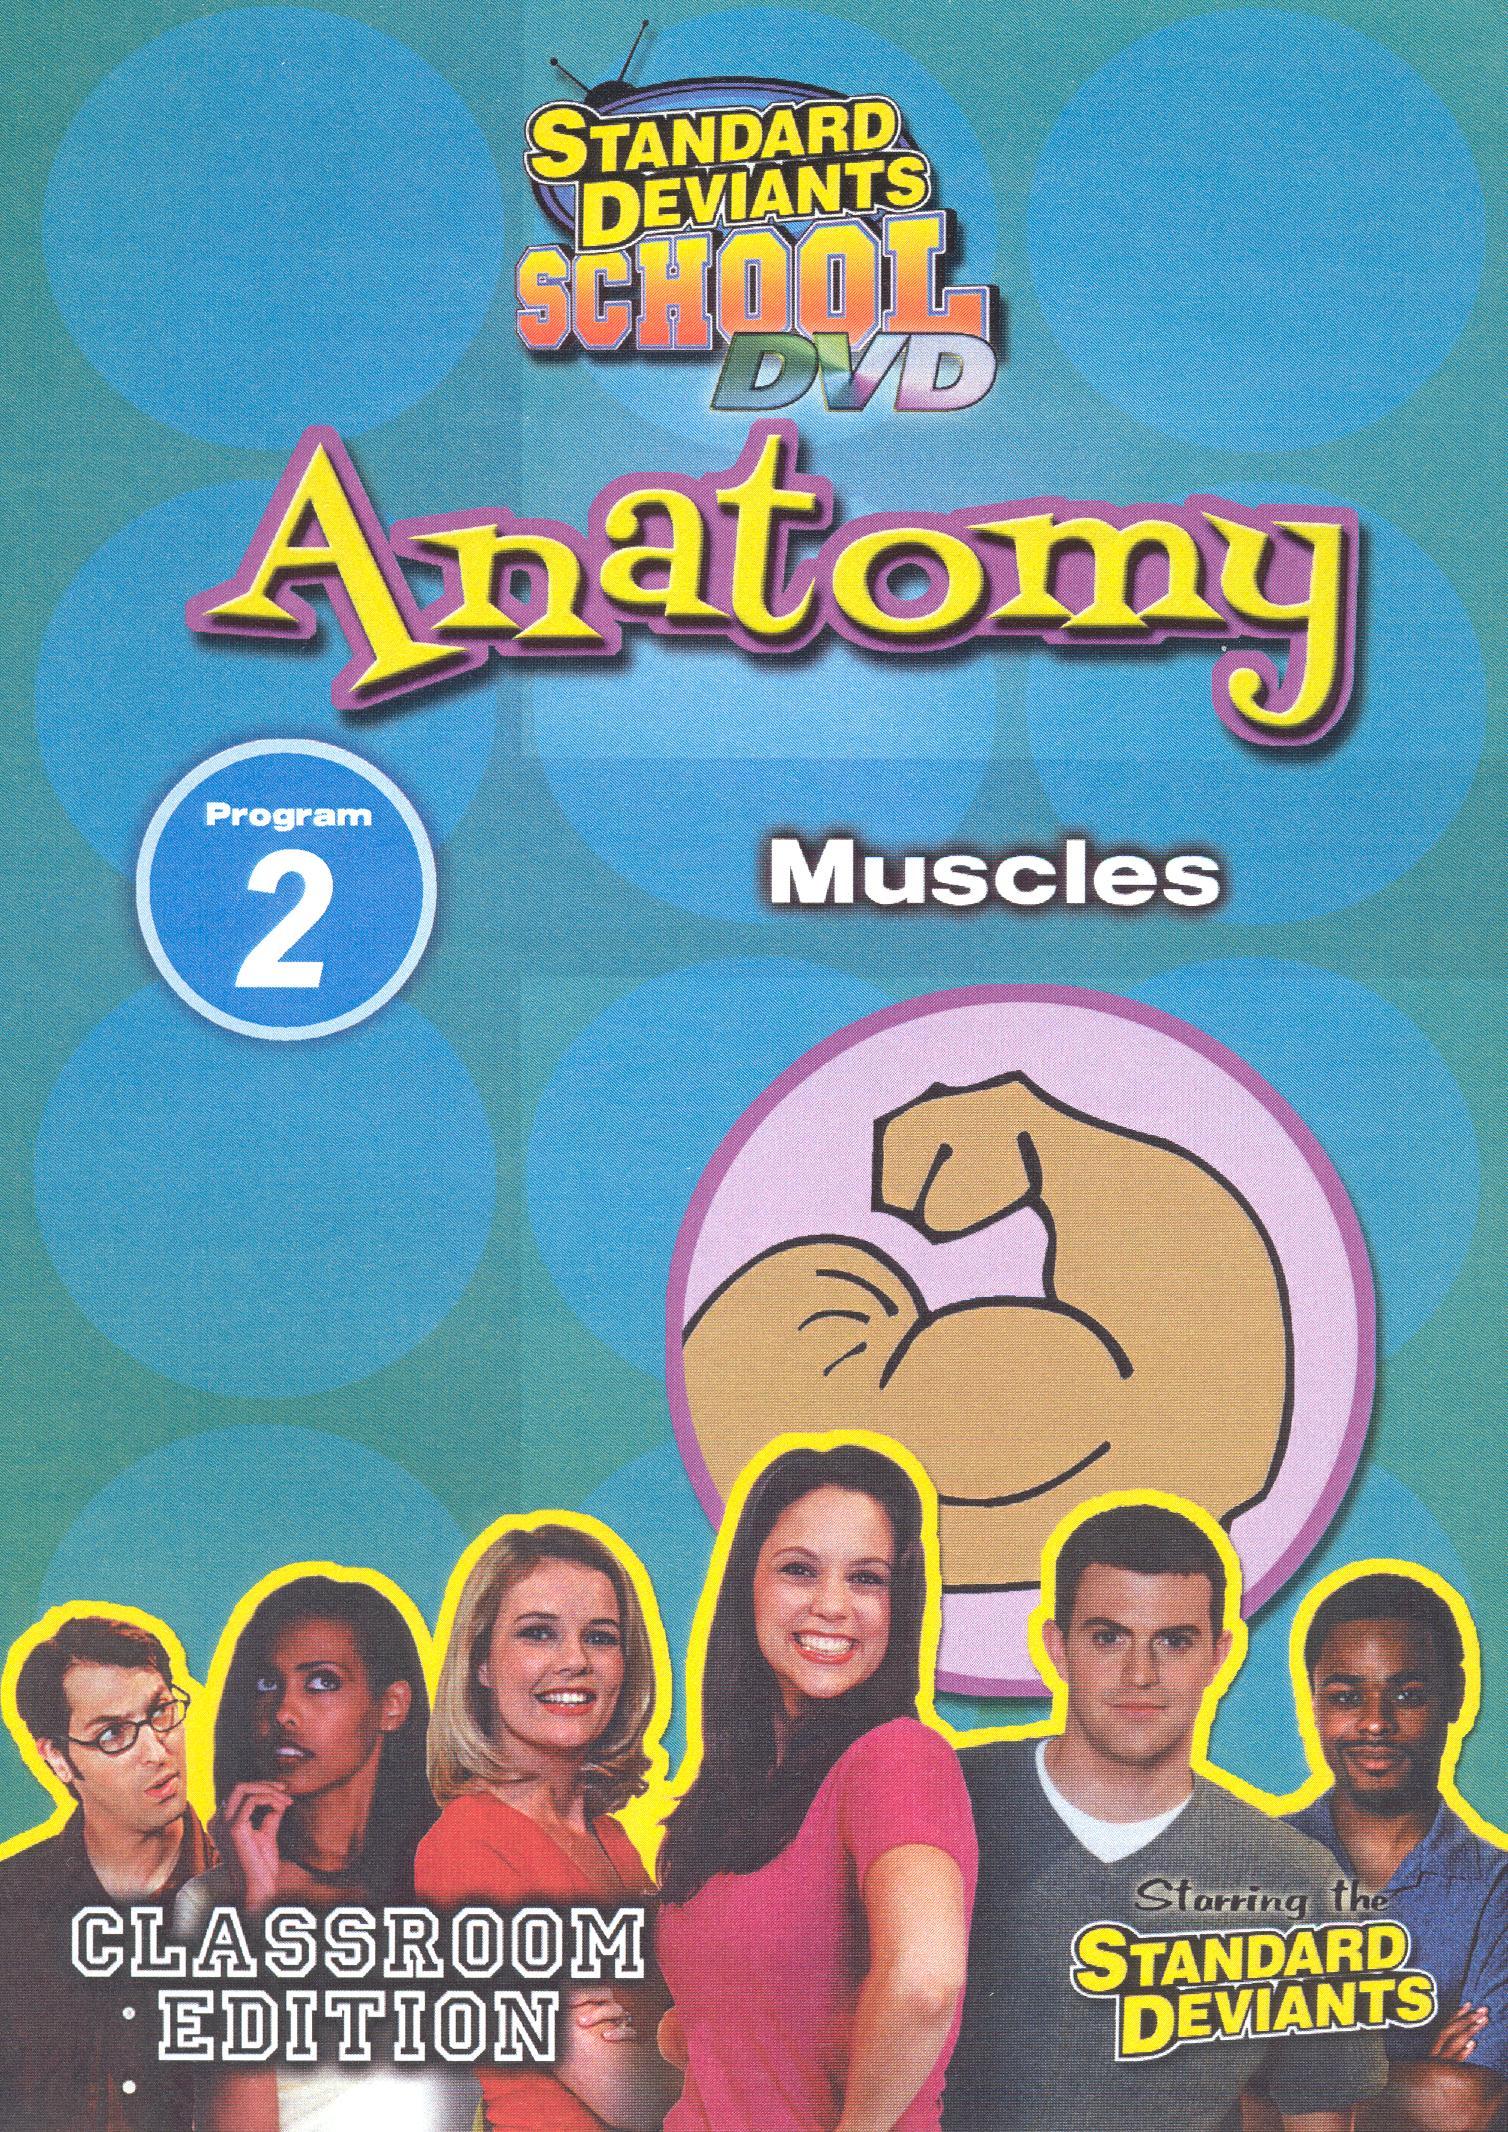 Standard Deviants School: Anatomy, Program 2 - Muscles